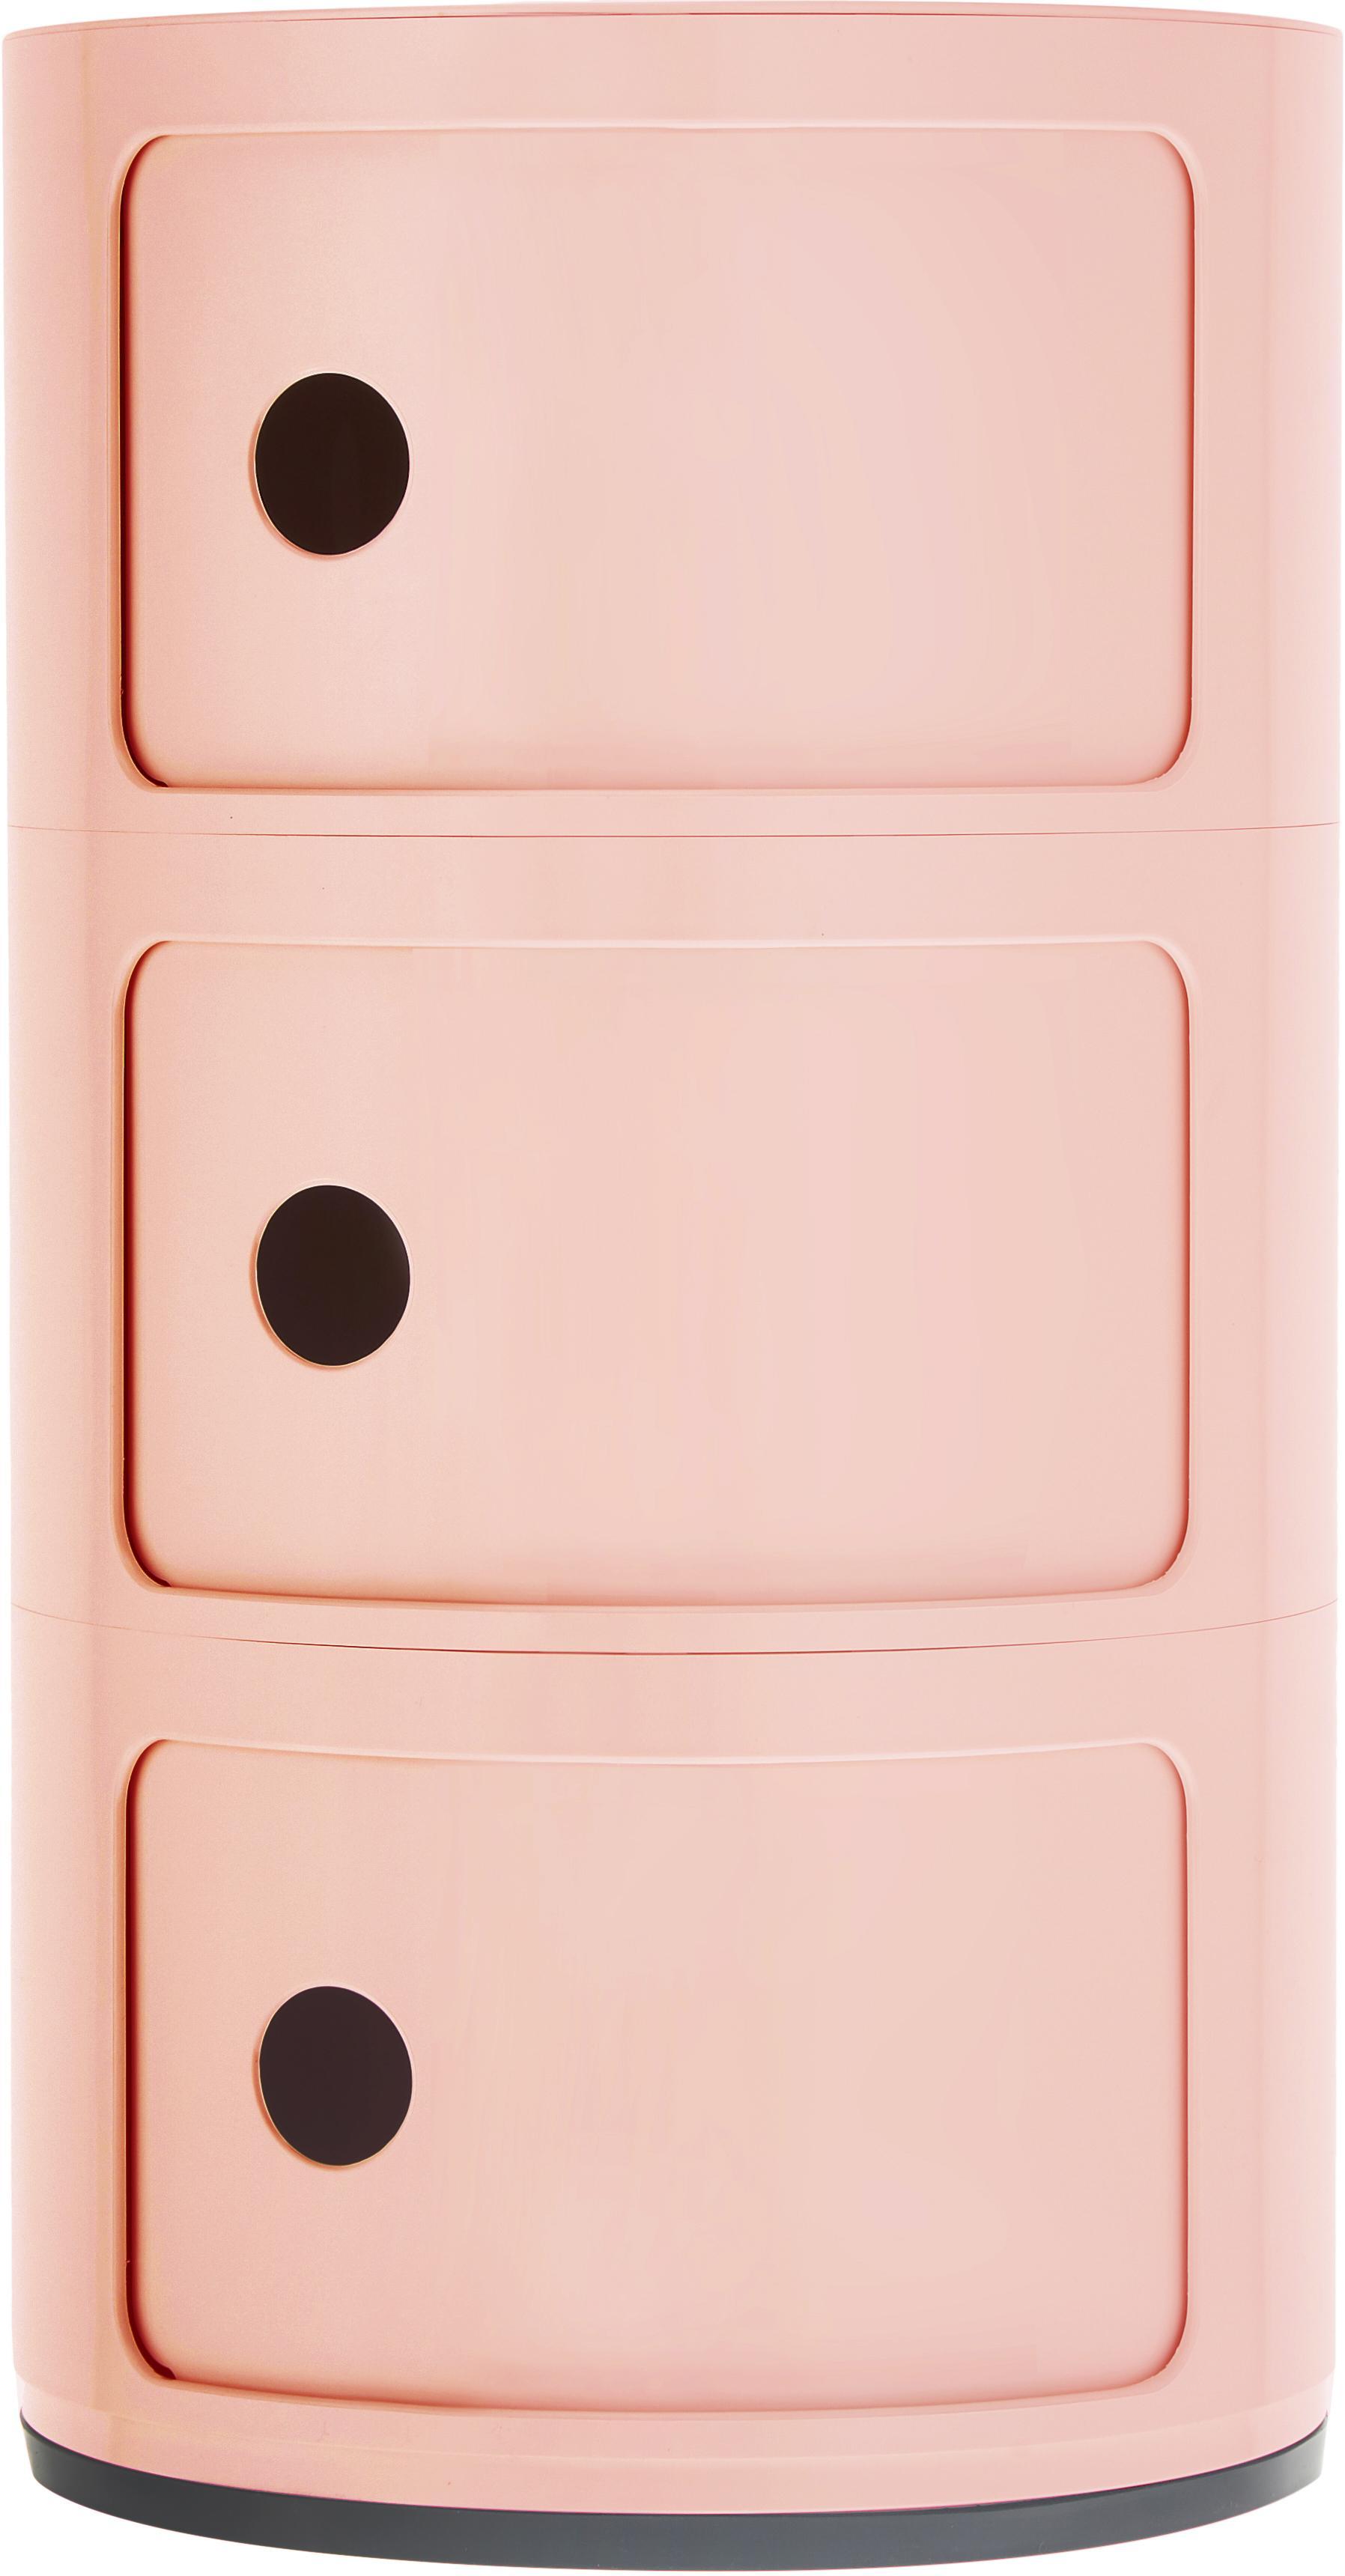 Design container Componibile, 100% biopolymeer van hernieuwbare grondstoffen, Roze, mat, Ø 32 x H 59 cm